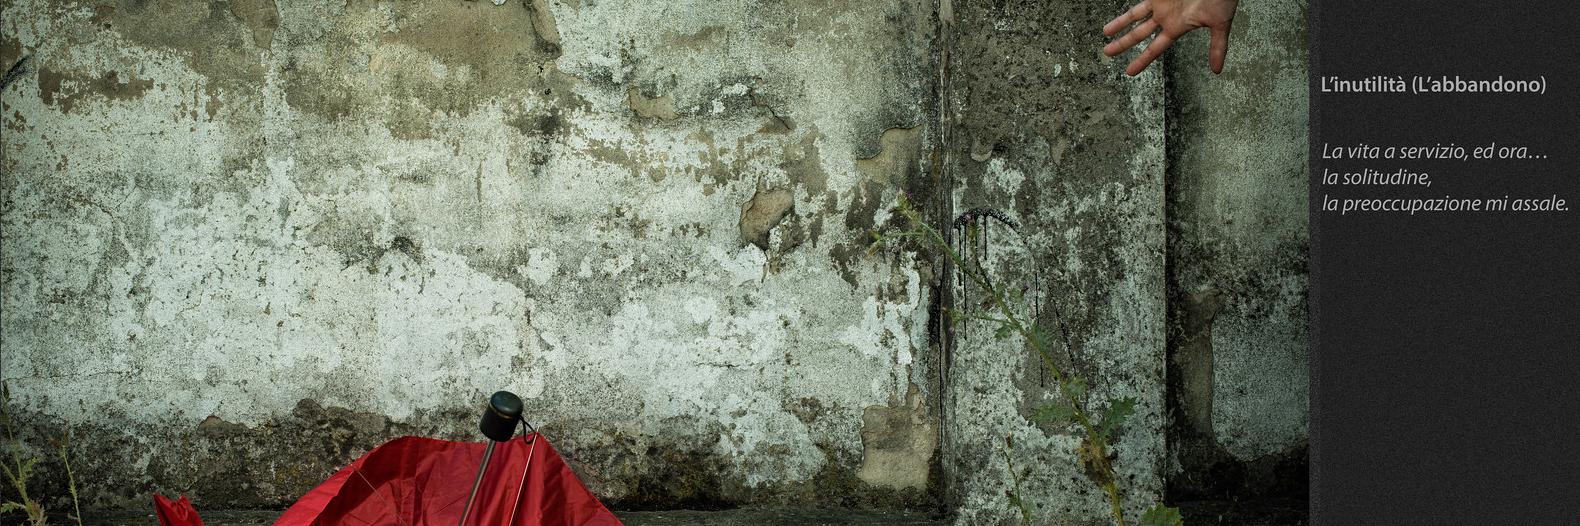 Il percorso (4) - L'inutilità - L'abbandono - Andrea Ferrari